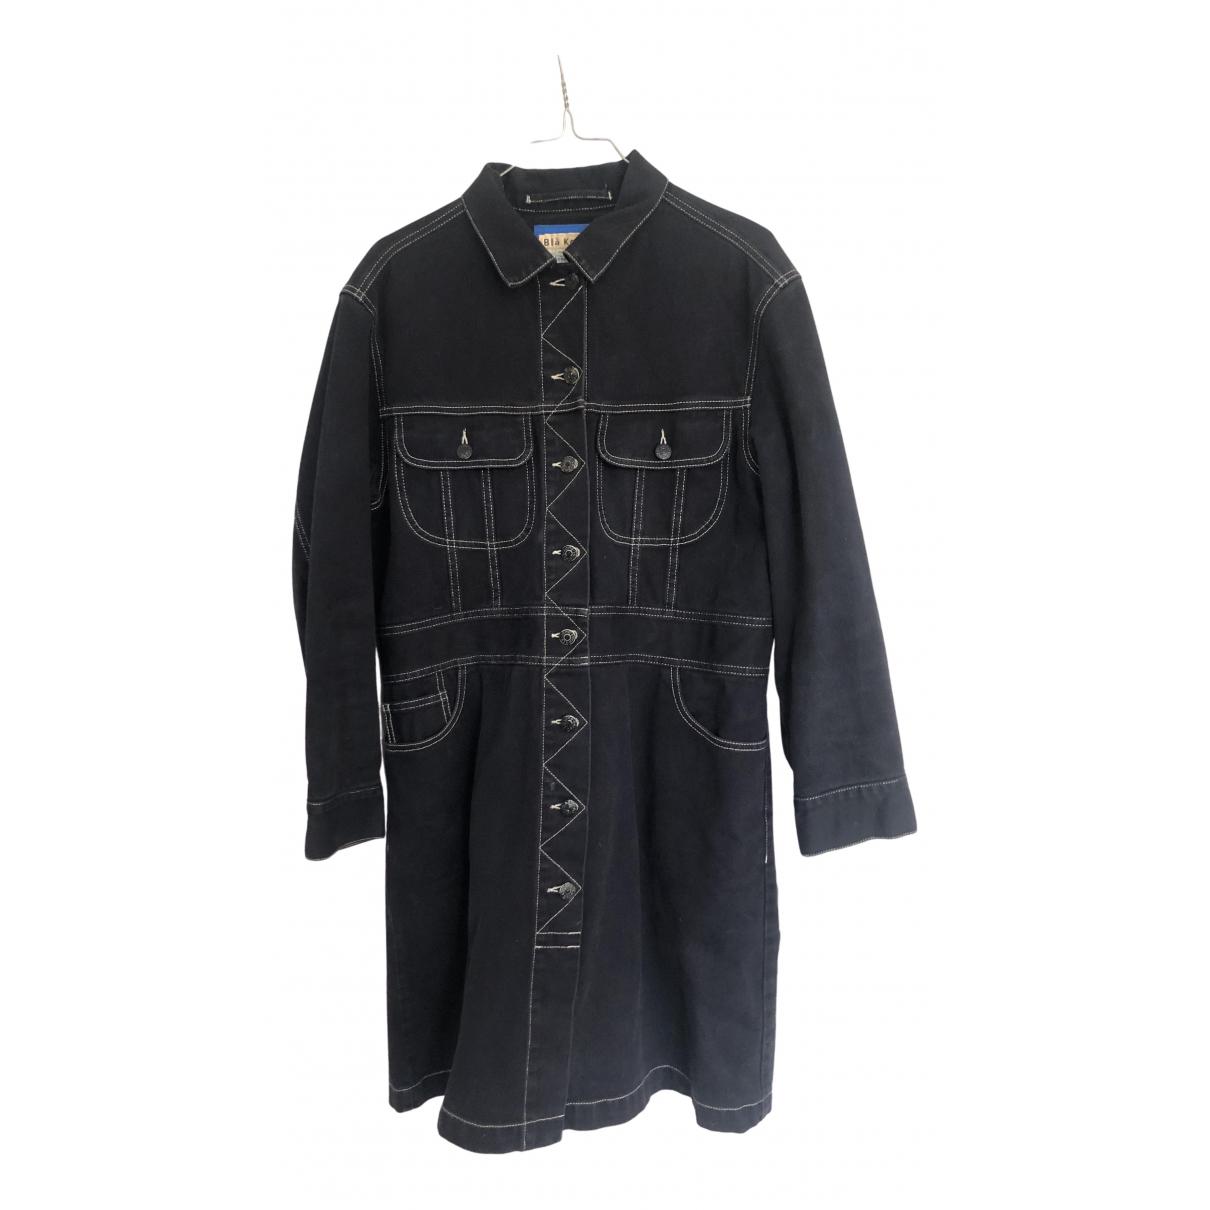 Acne Studios Blå Konst Blue Denim - Jeans jacket for Women M International